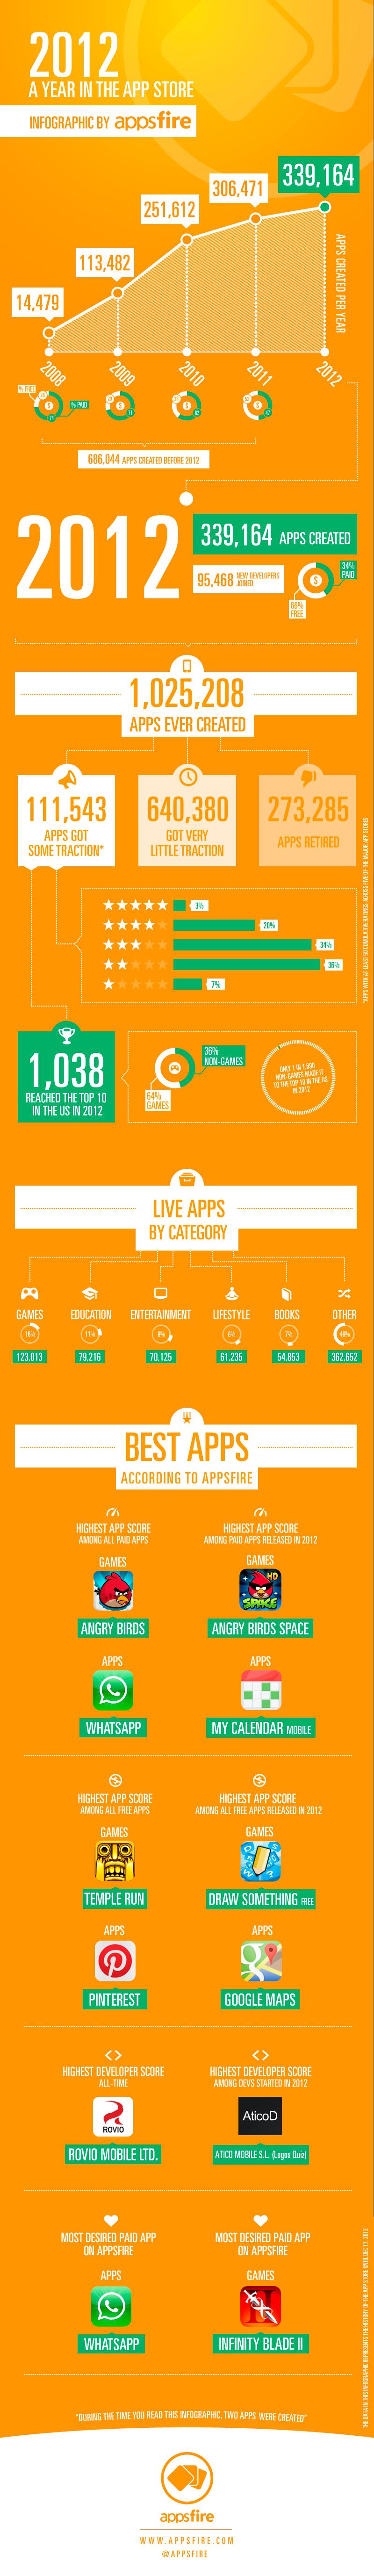 Das Jahr 2012 im Apple App Store